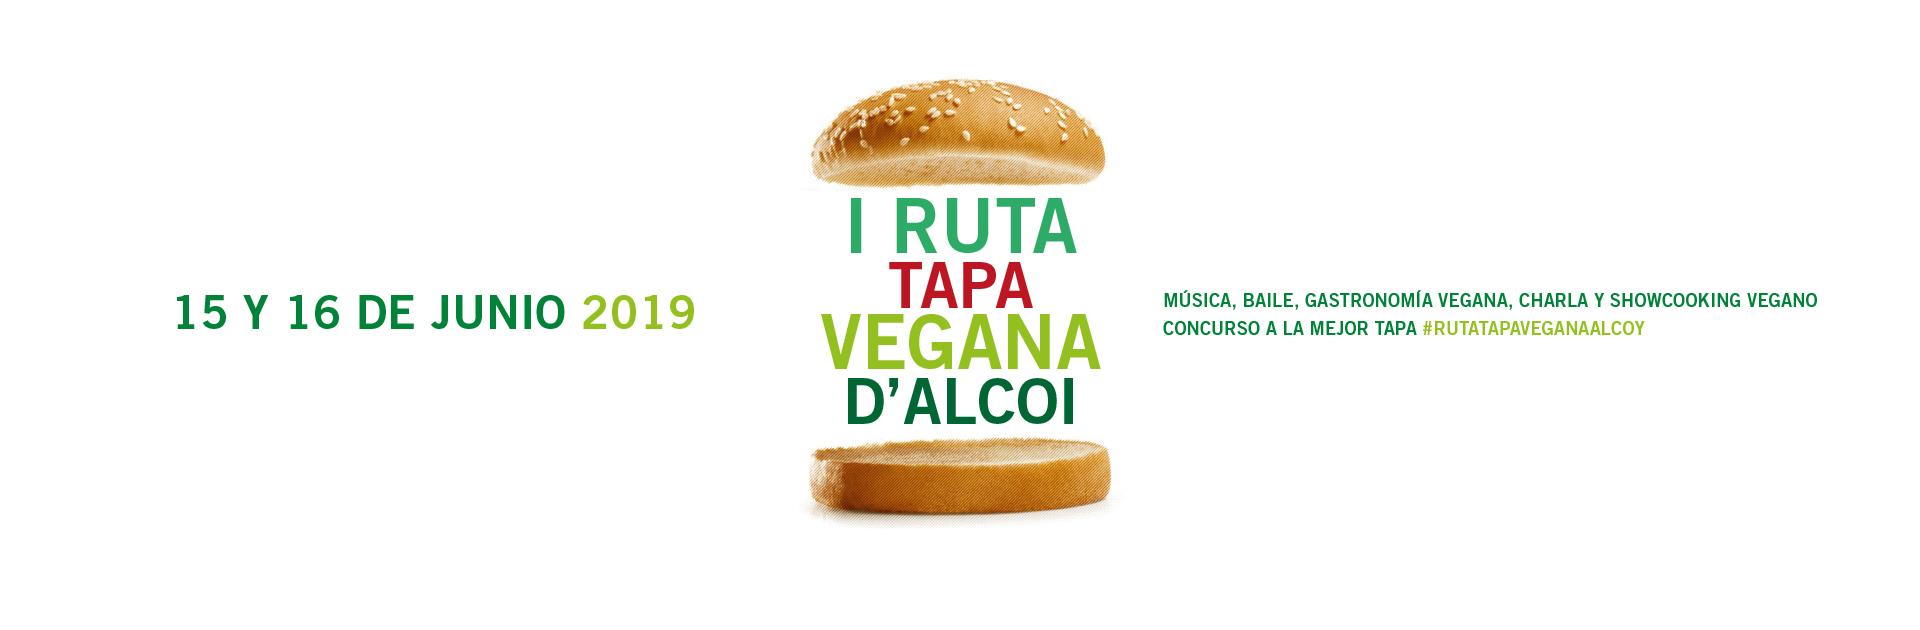 union vegana vegetariana